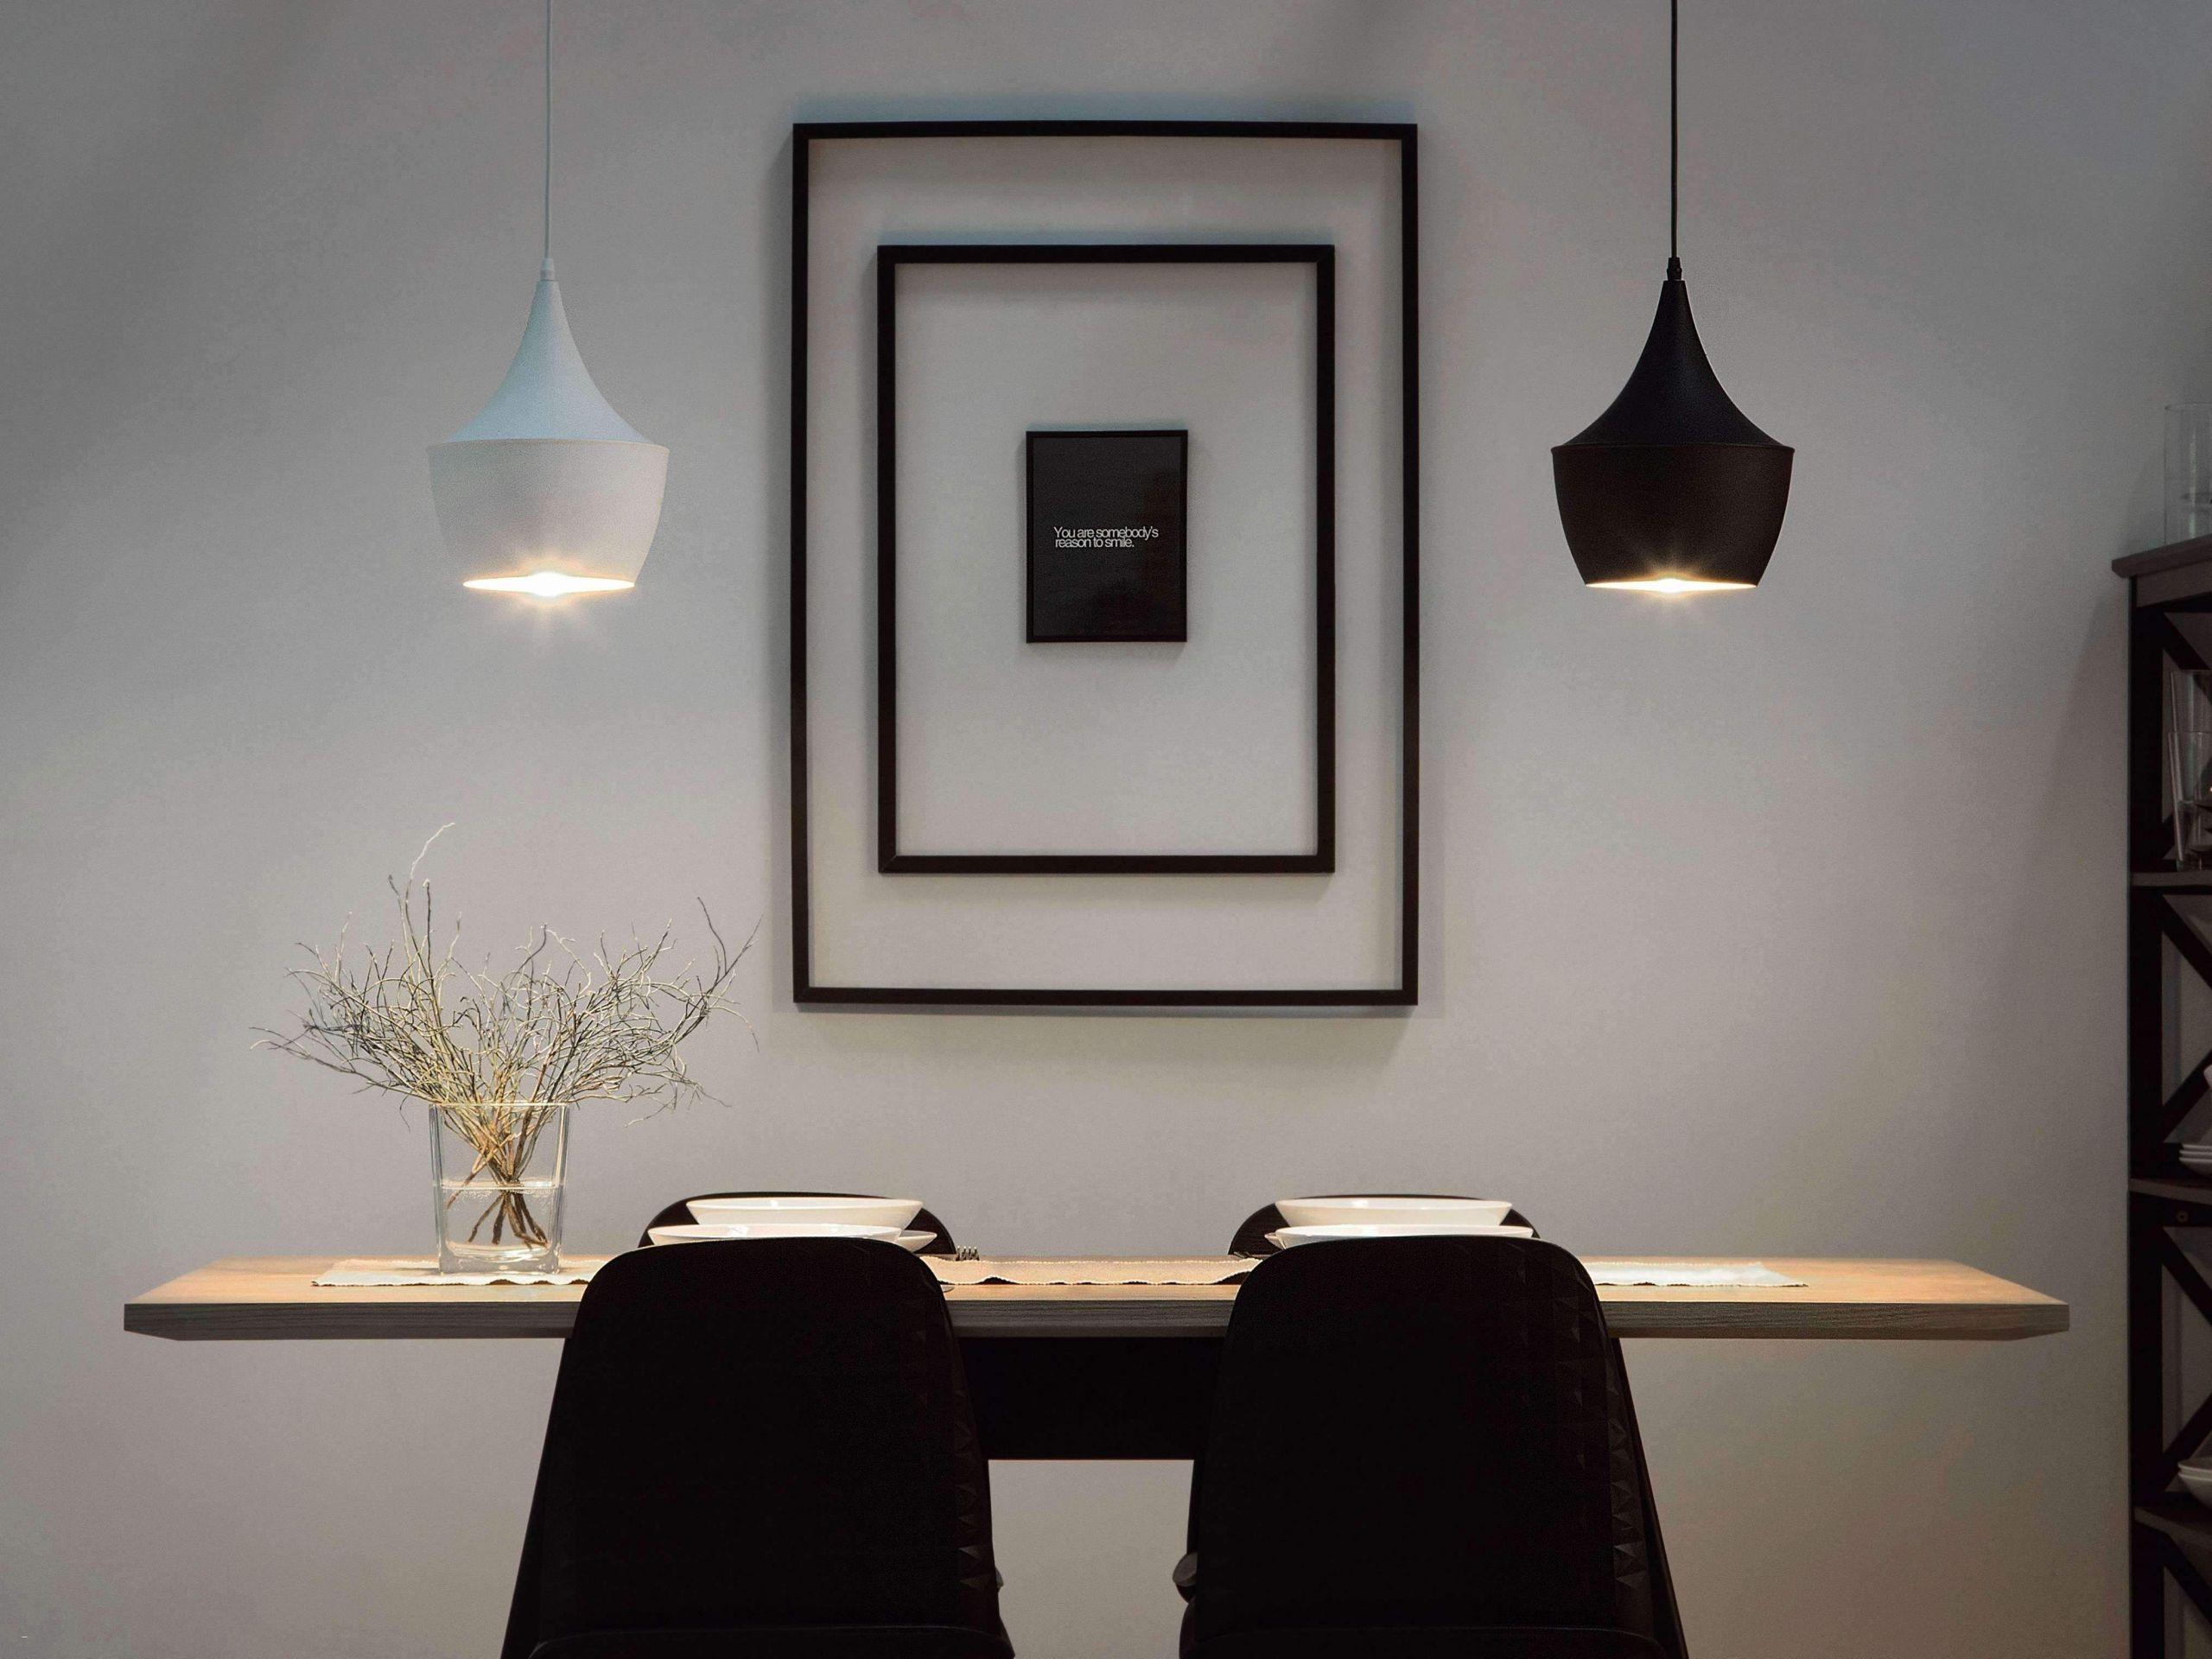 Garten Led Leuchten Luxus Lampe Wohnzimmer Decke Luxus Garten Licht Led Lampen